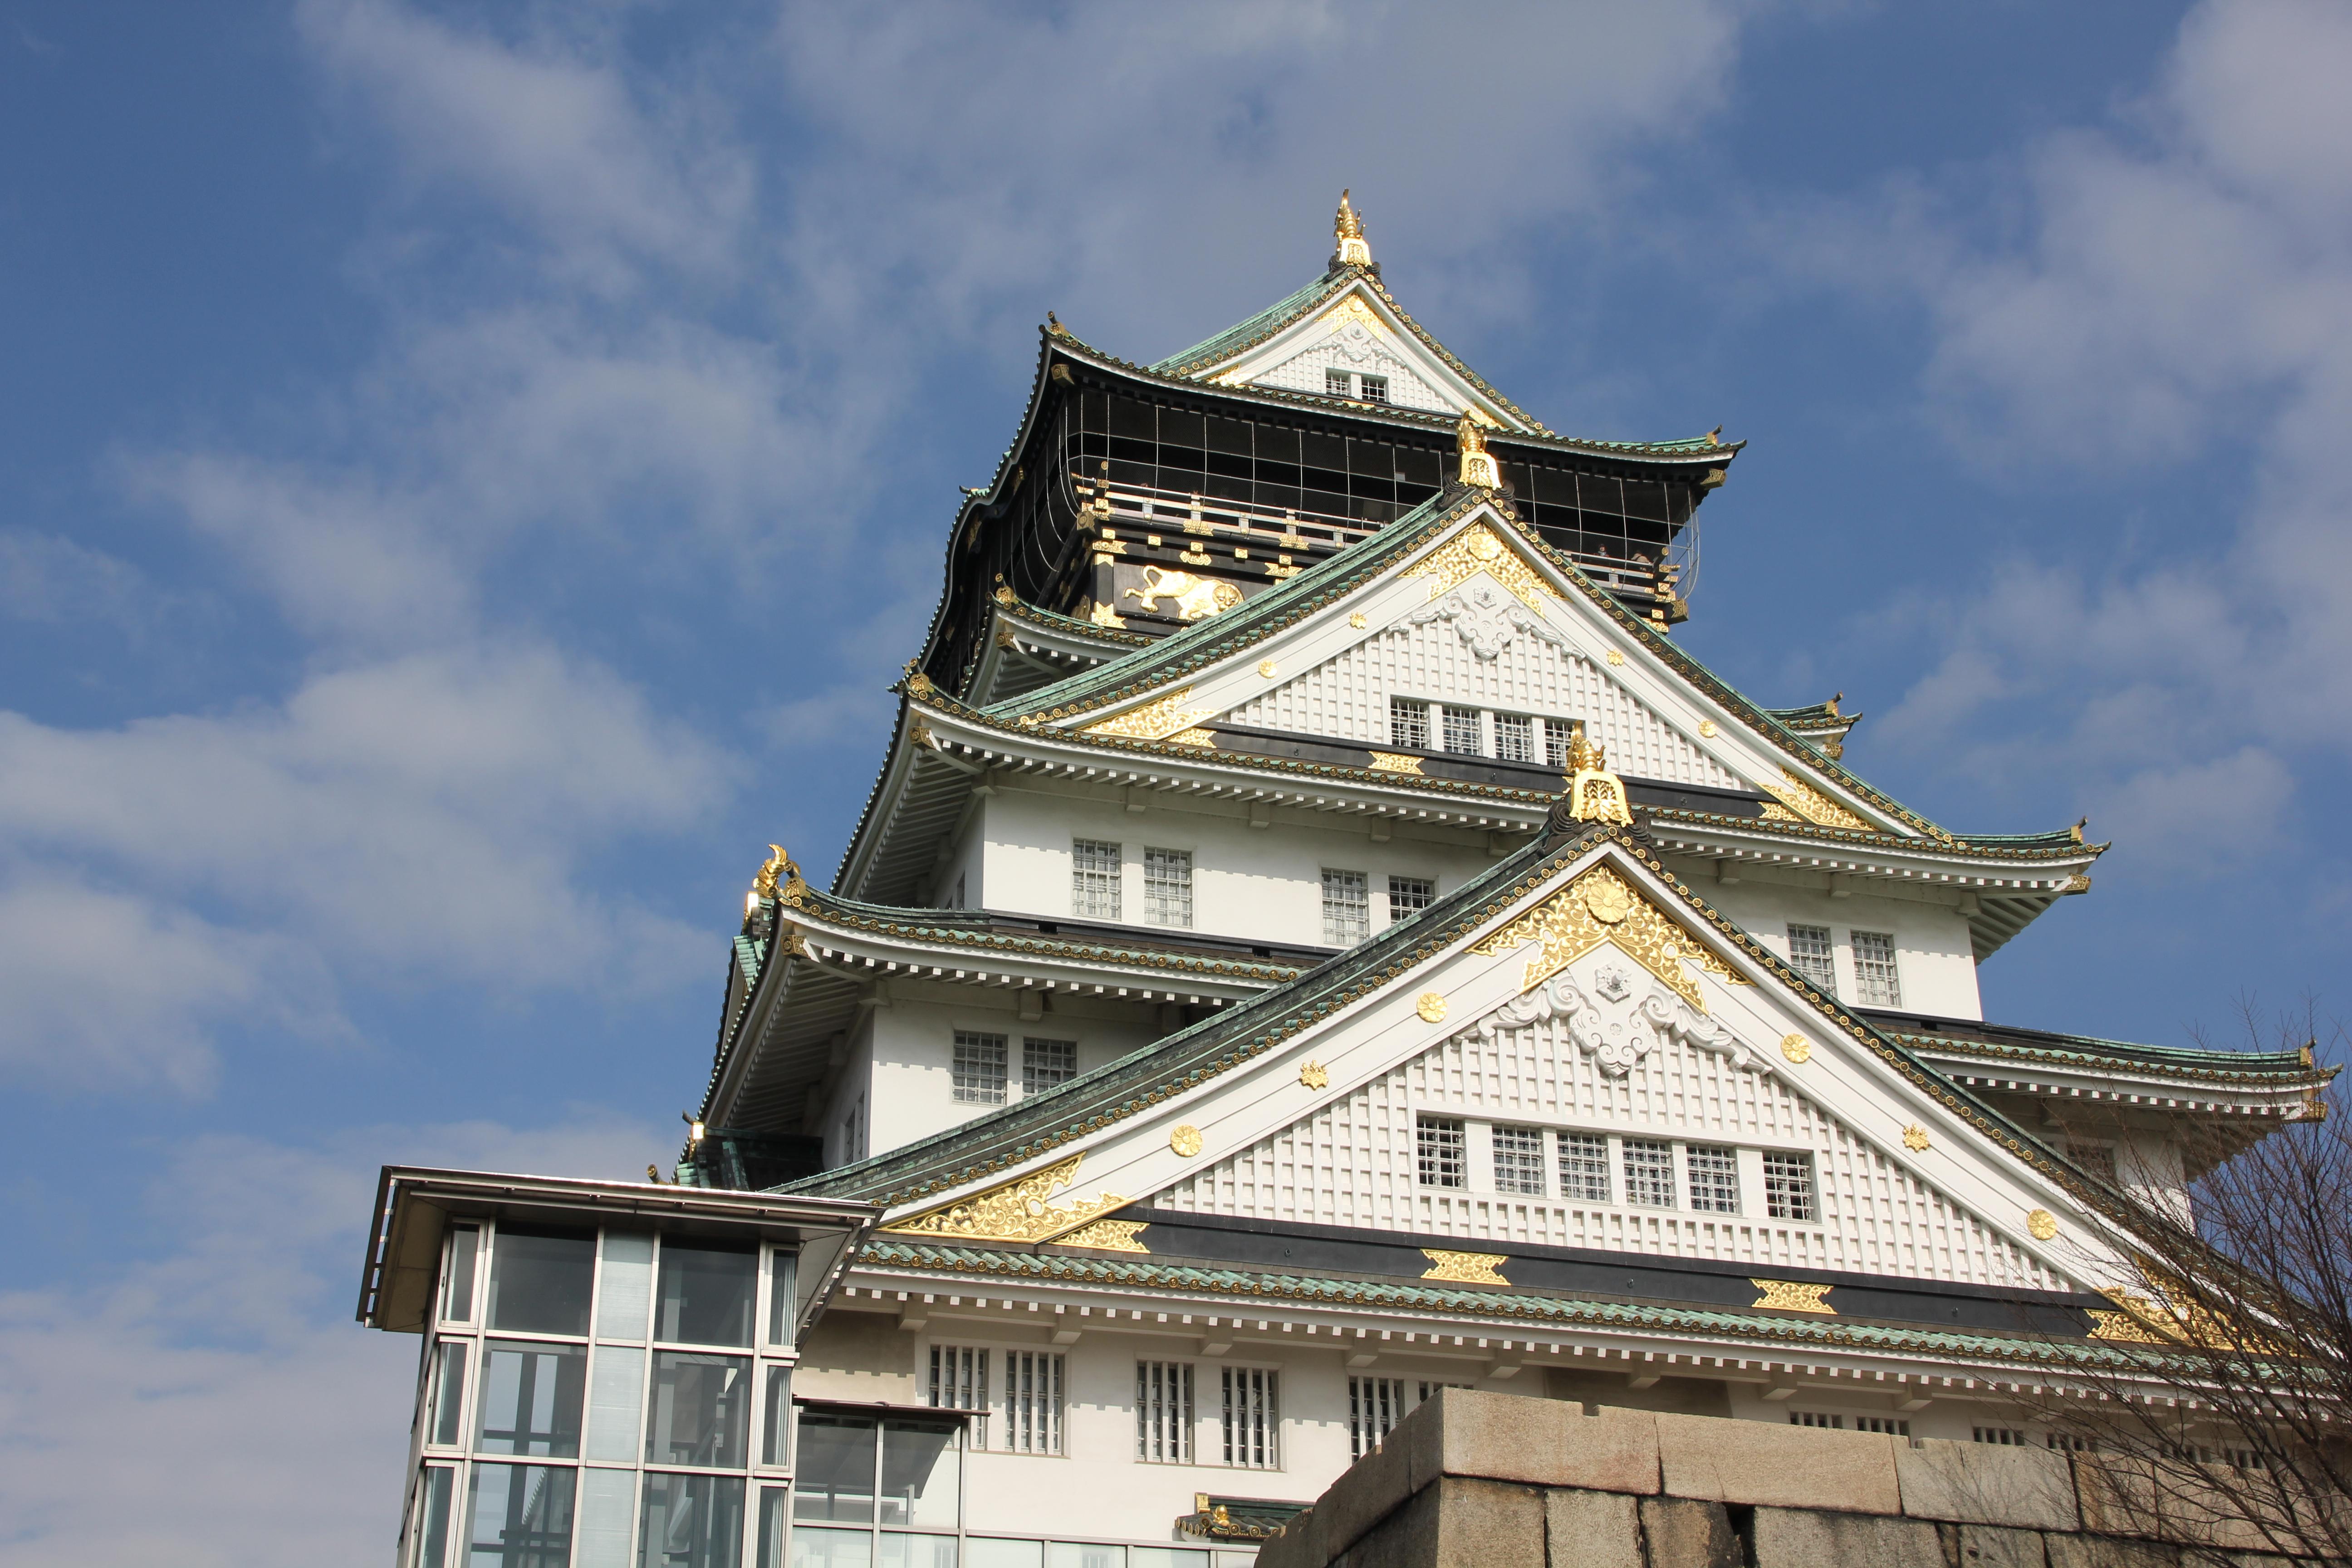 Le Chateau d'Osaka ~ 大阪城